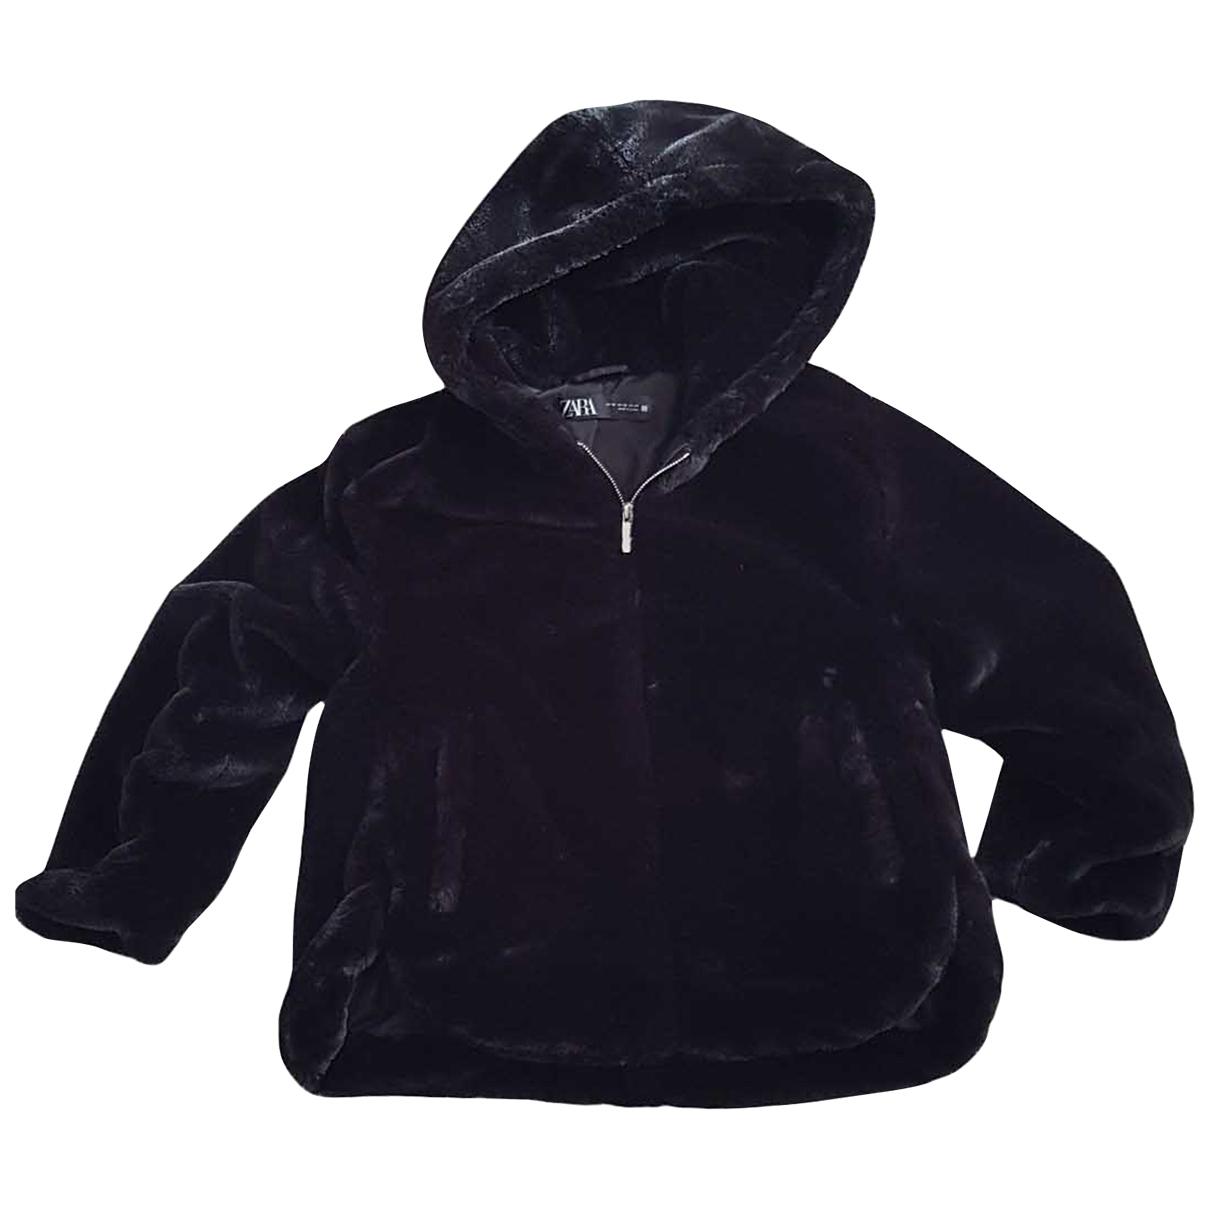 Zara \N Black Faux fur jacket for Women XS International